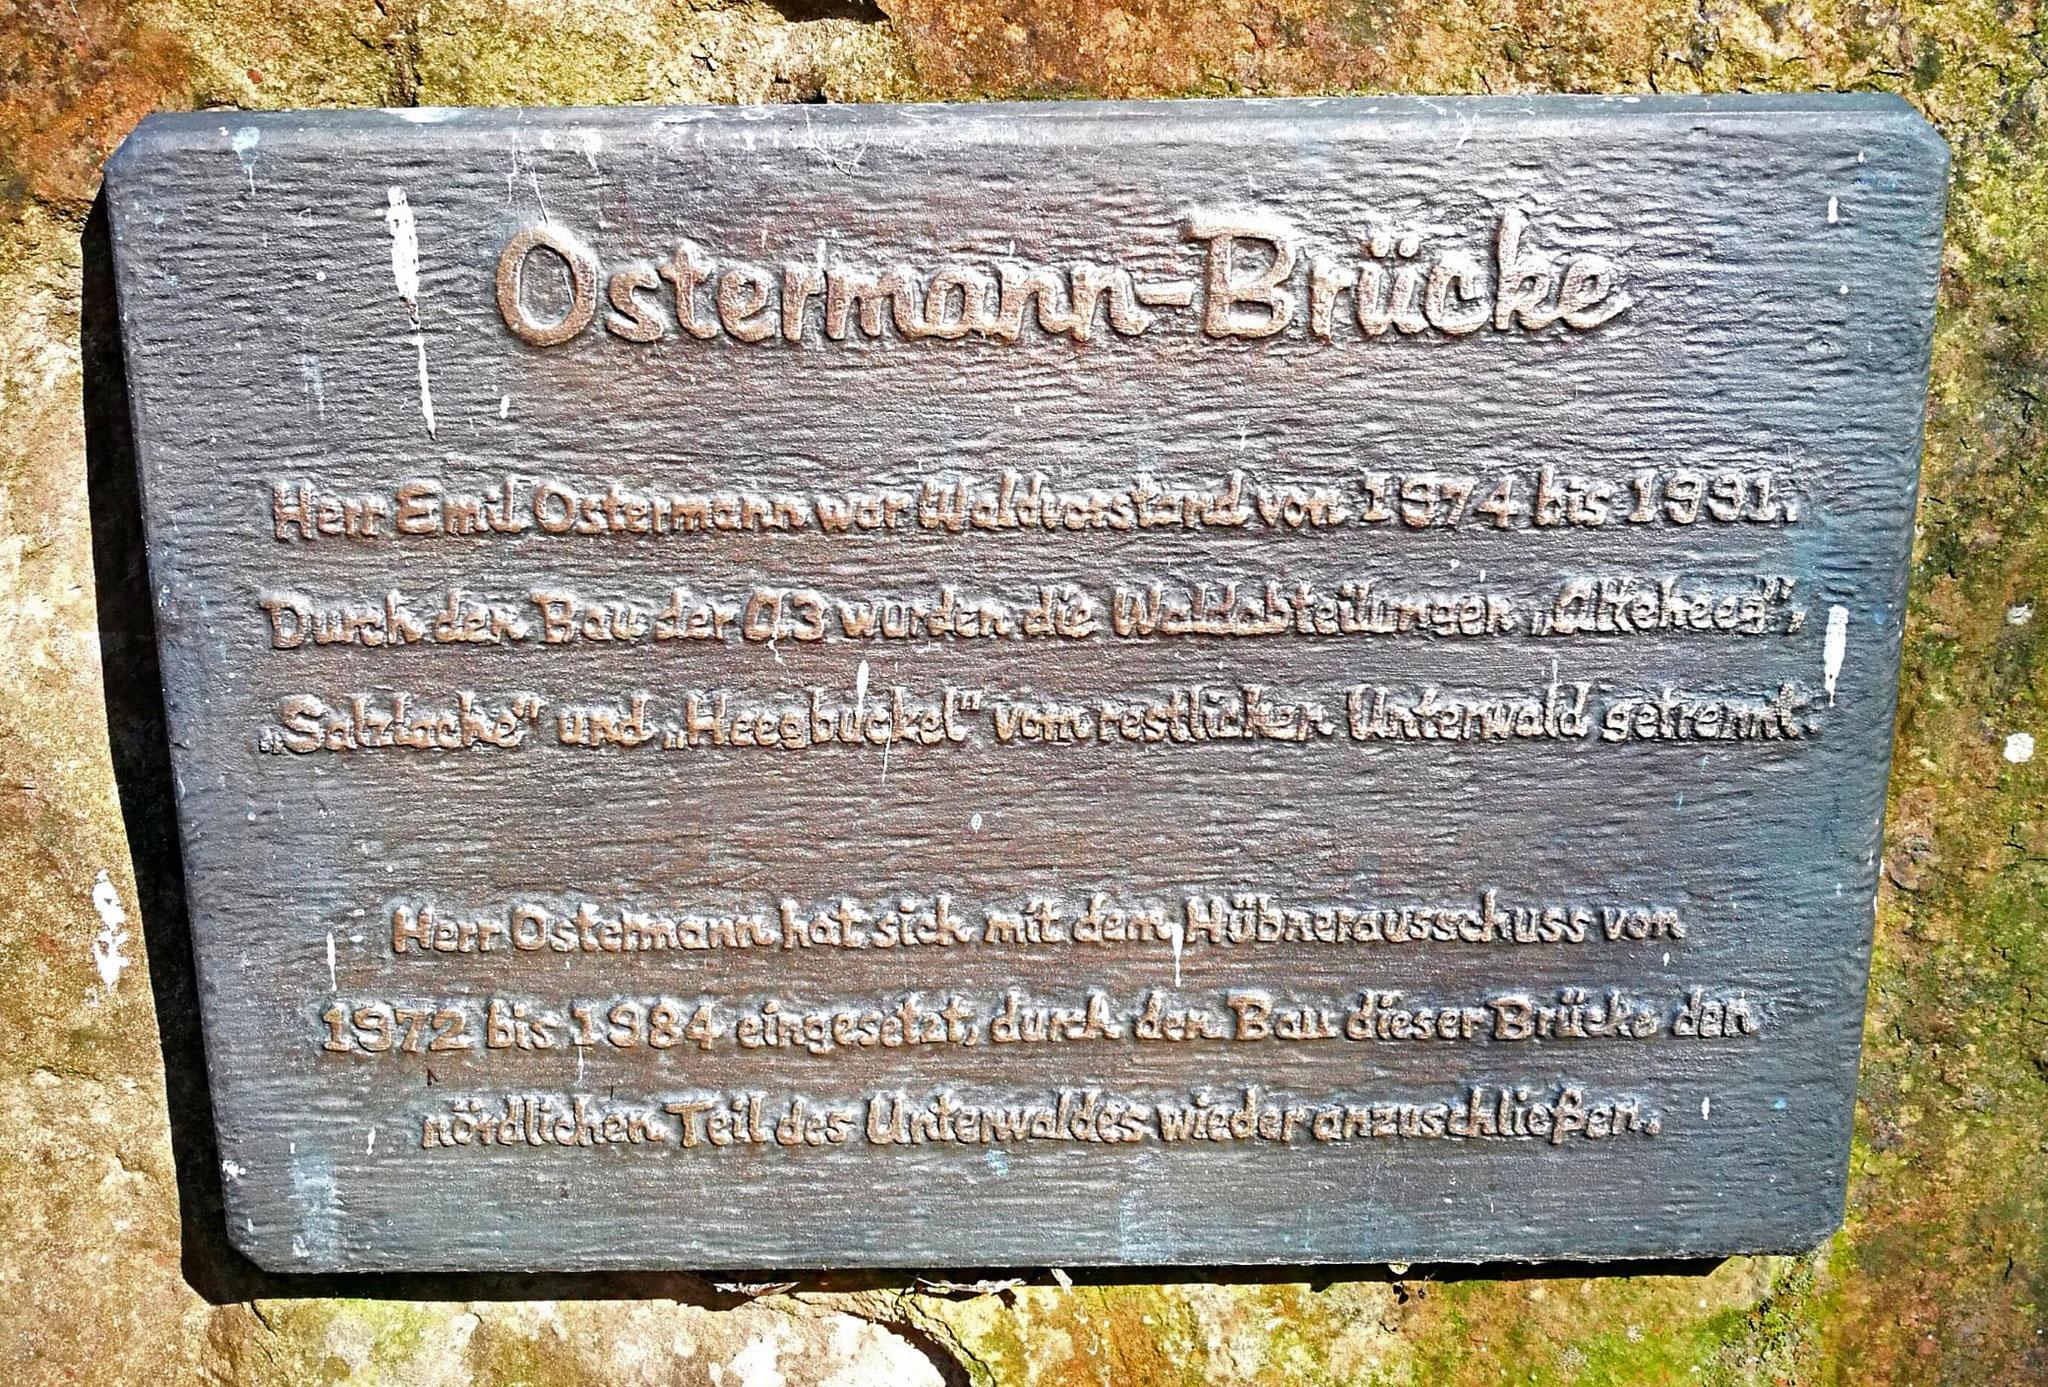 Bild 5 Gedenkstein an der Ostermann Brücke über die A3